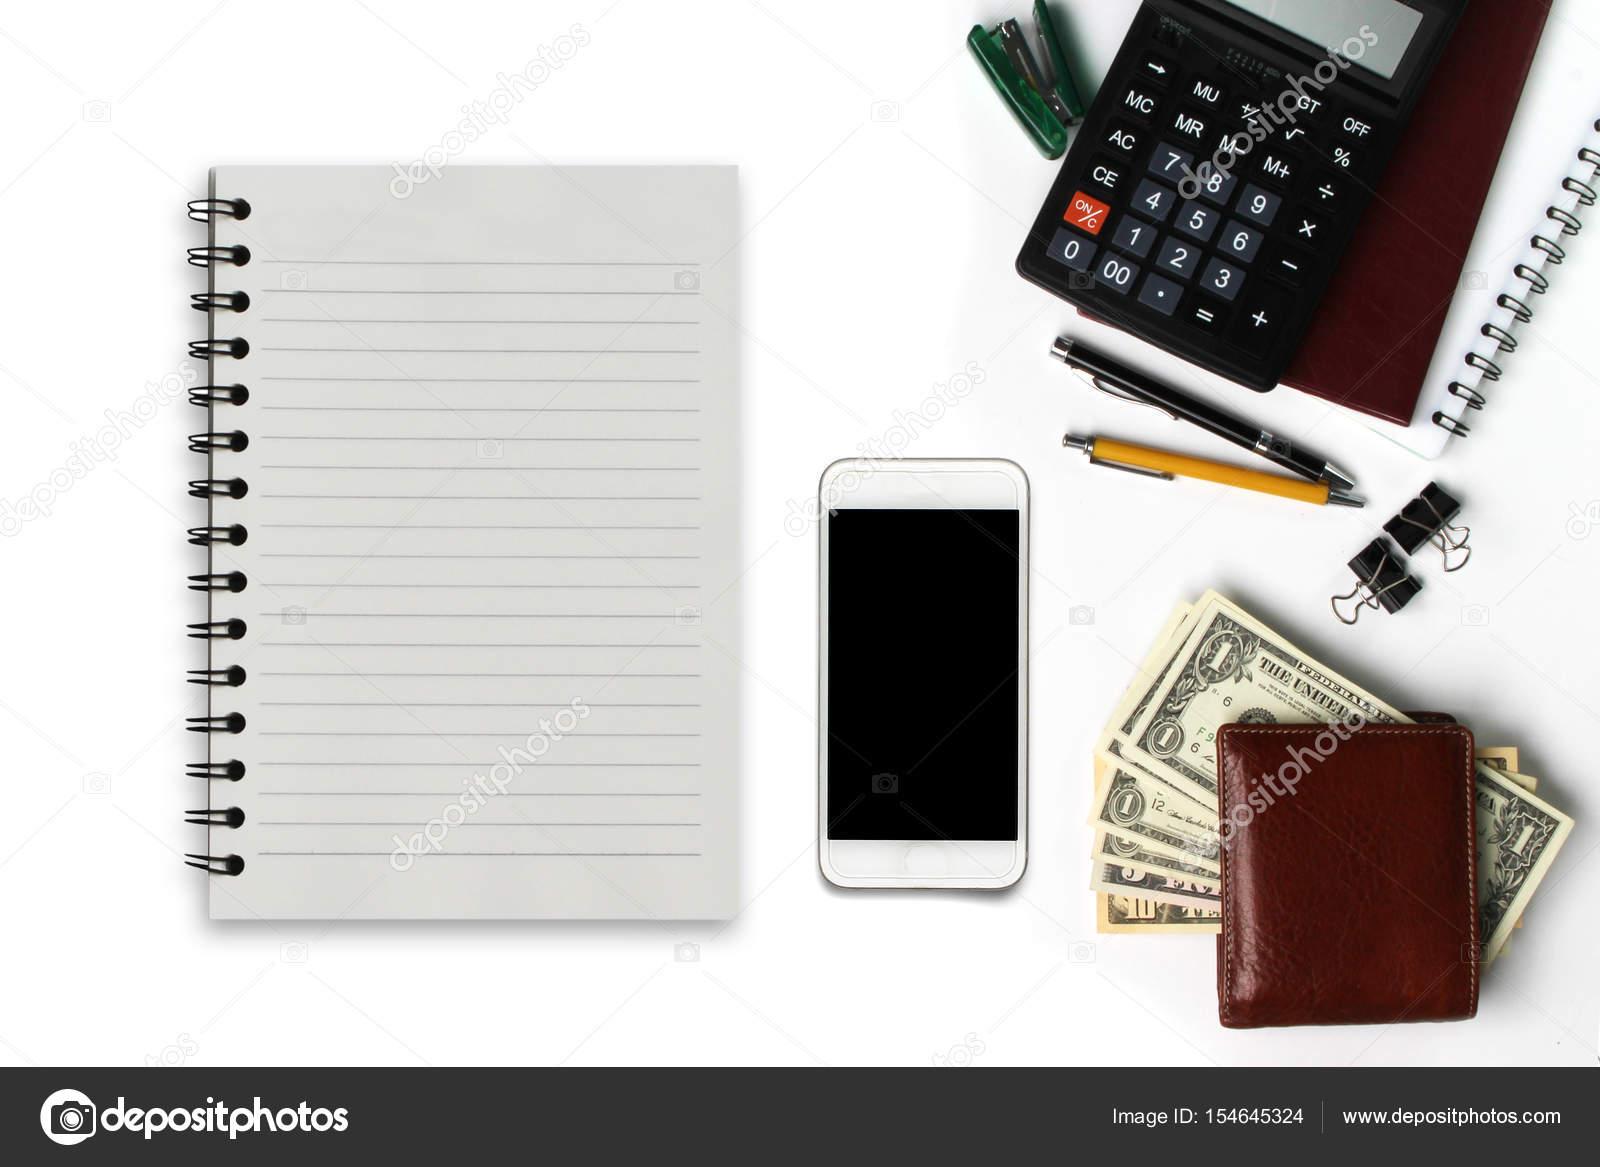 5ed5f3286c0 Witte Bureau met smartphone met zwart scherm, pen, portemonnee — Stockfoto